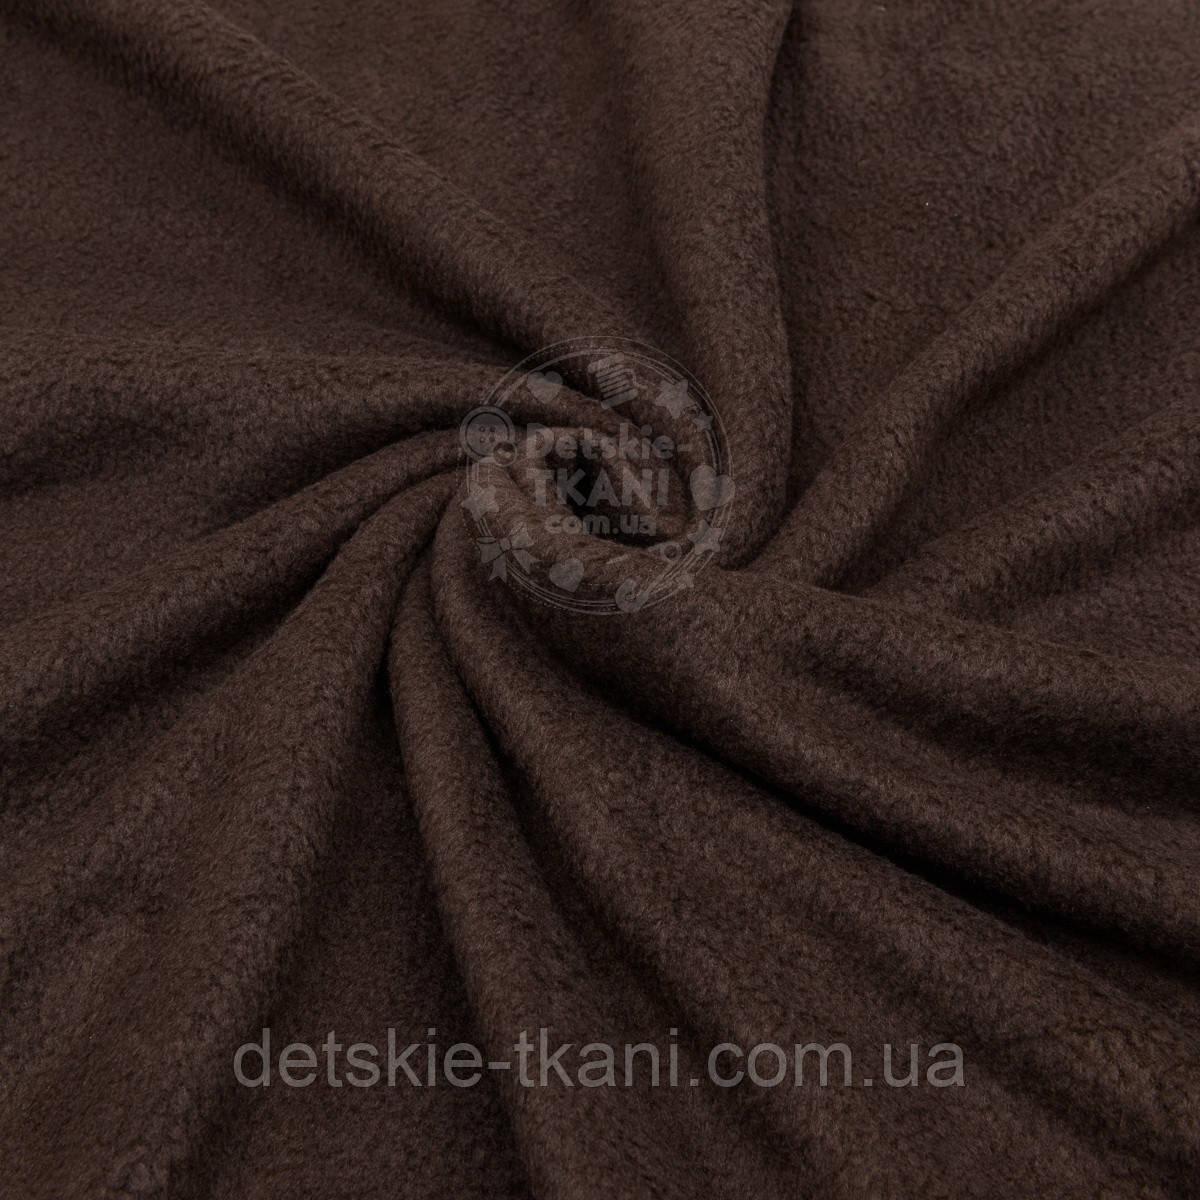 Флис однотонный коричневого цвета